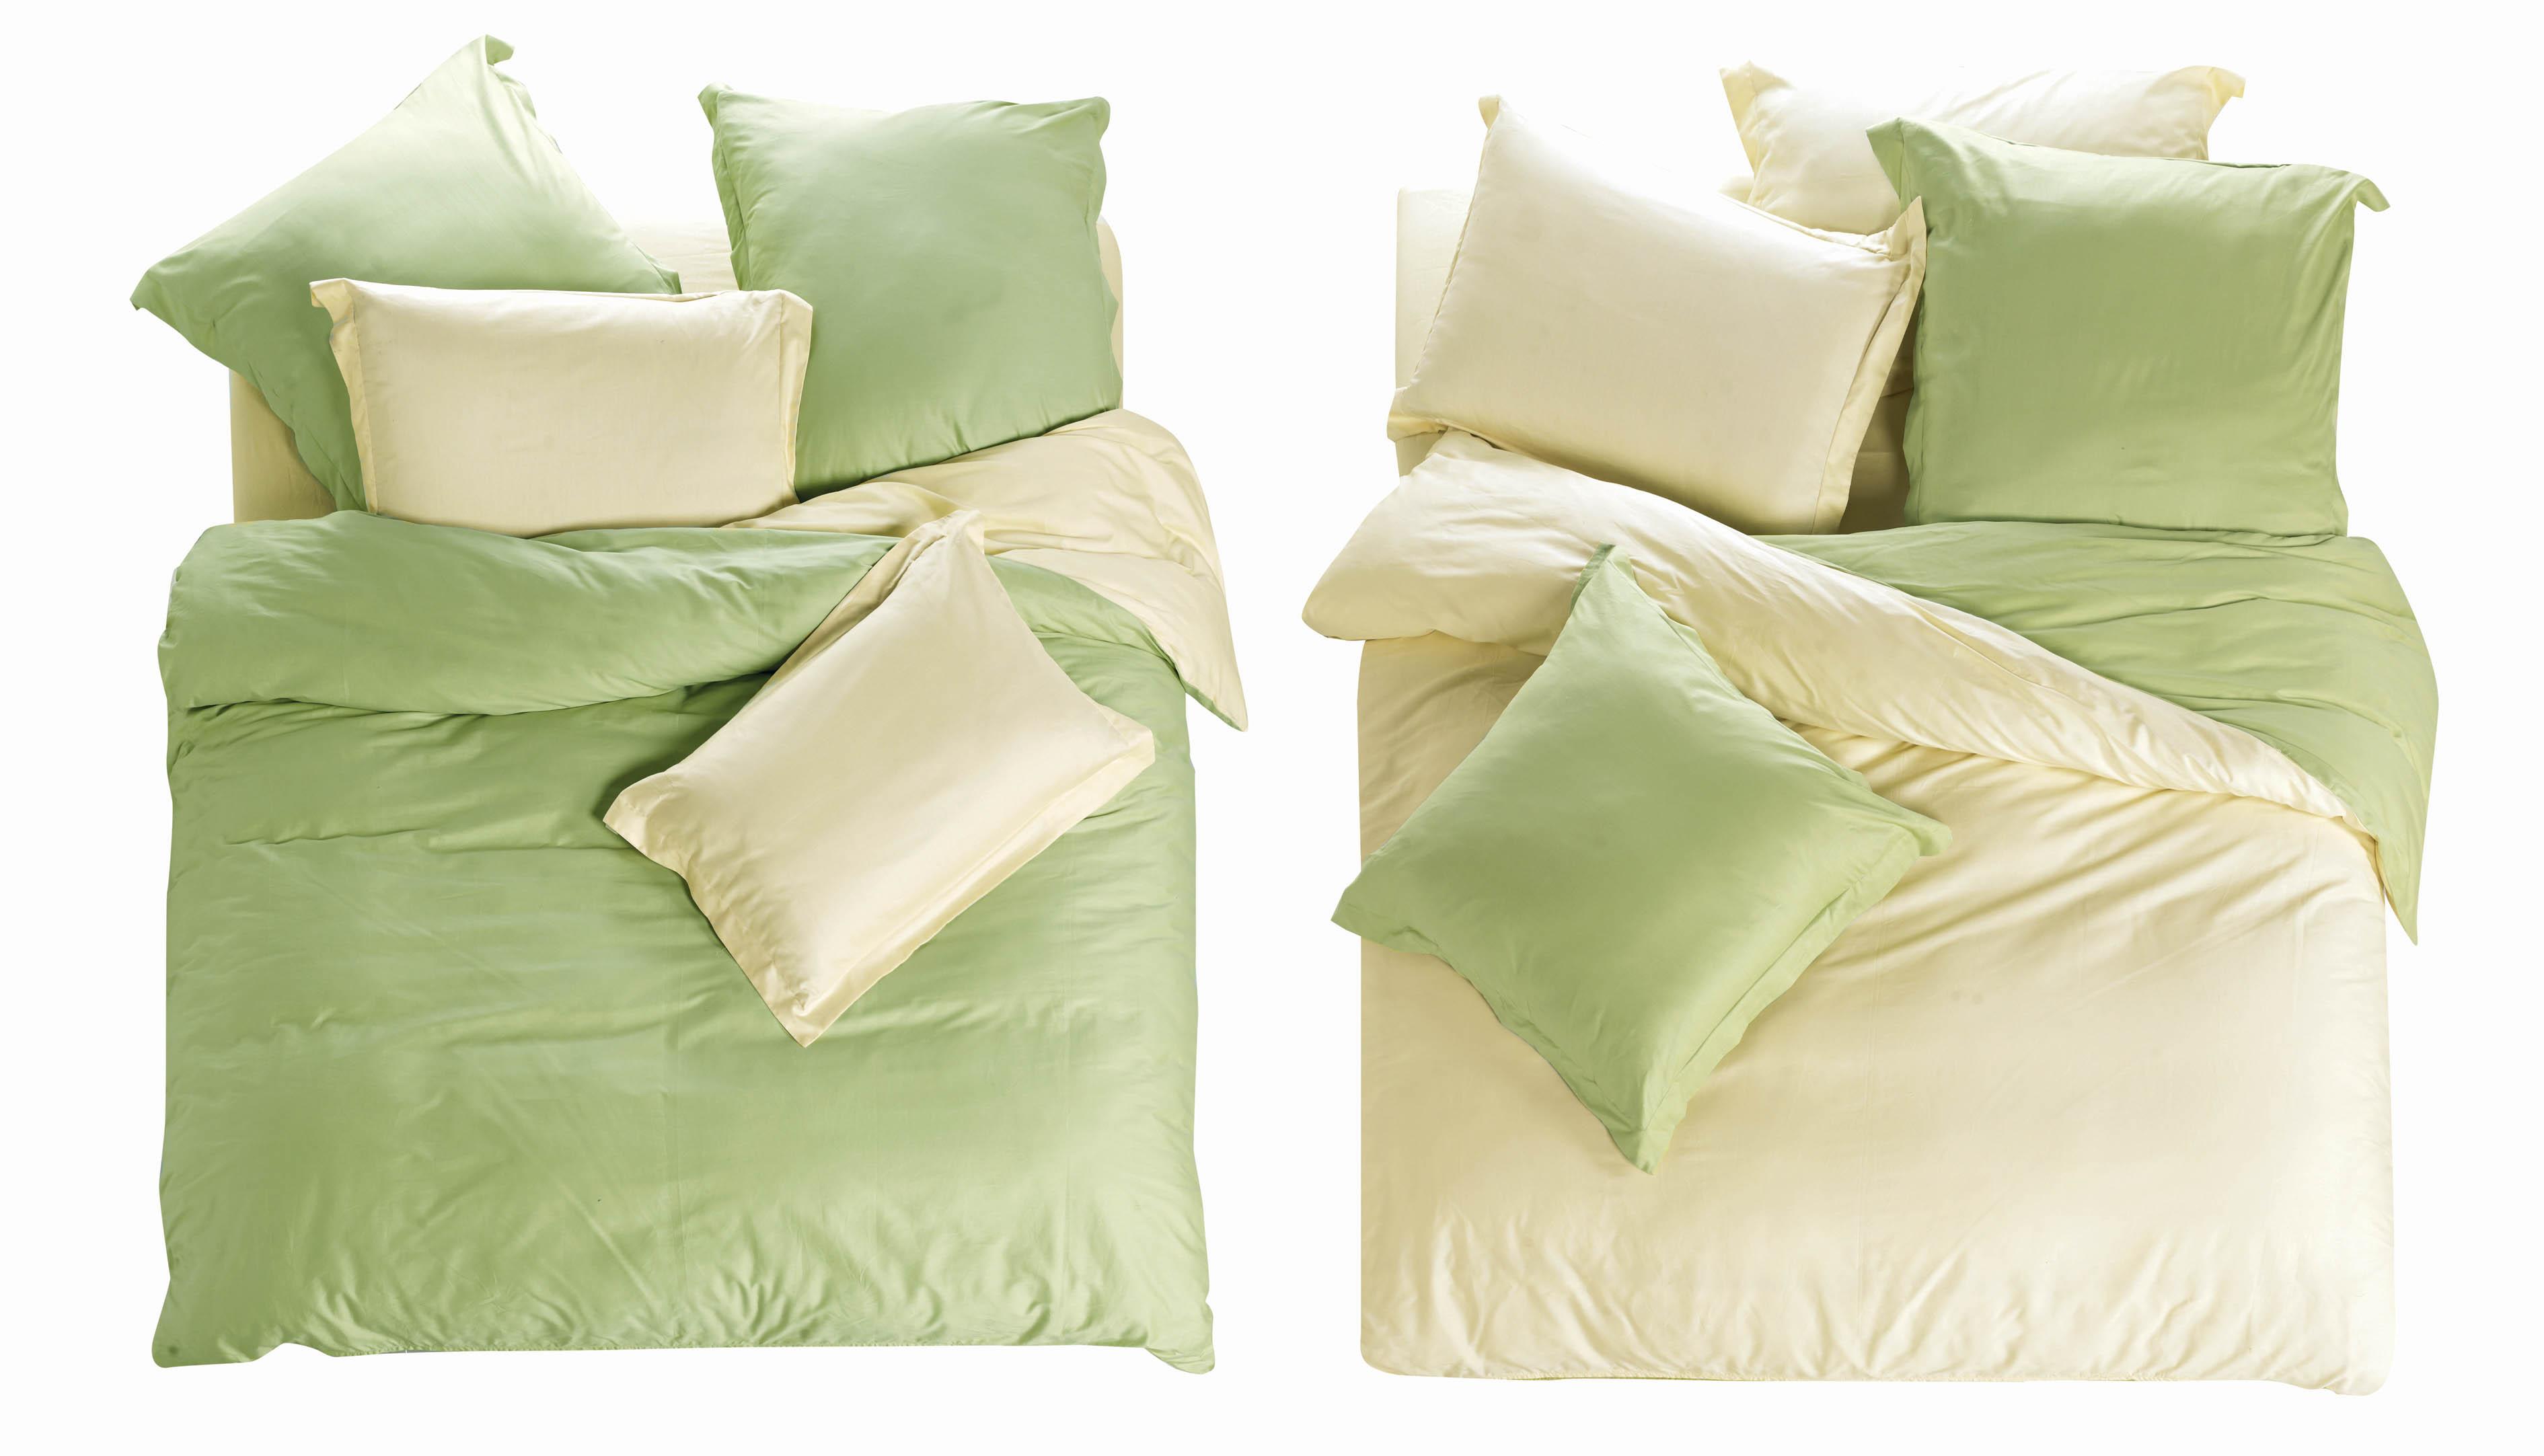 Комплекты постельного белья СайлиД, Постельное белье Makenzie L- 4 (2 сп. евро), Китай, Белый, Зеленый, Хлопковый сатин  - Купить